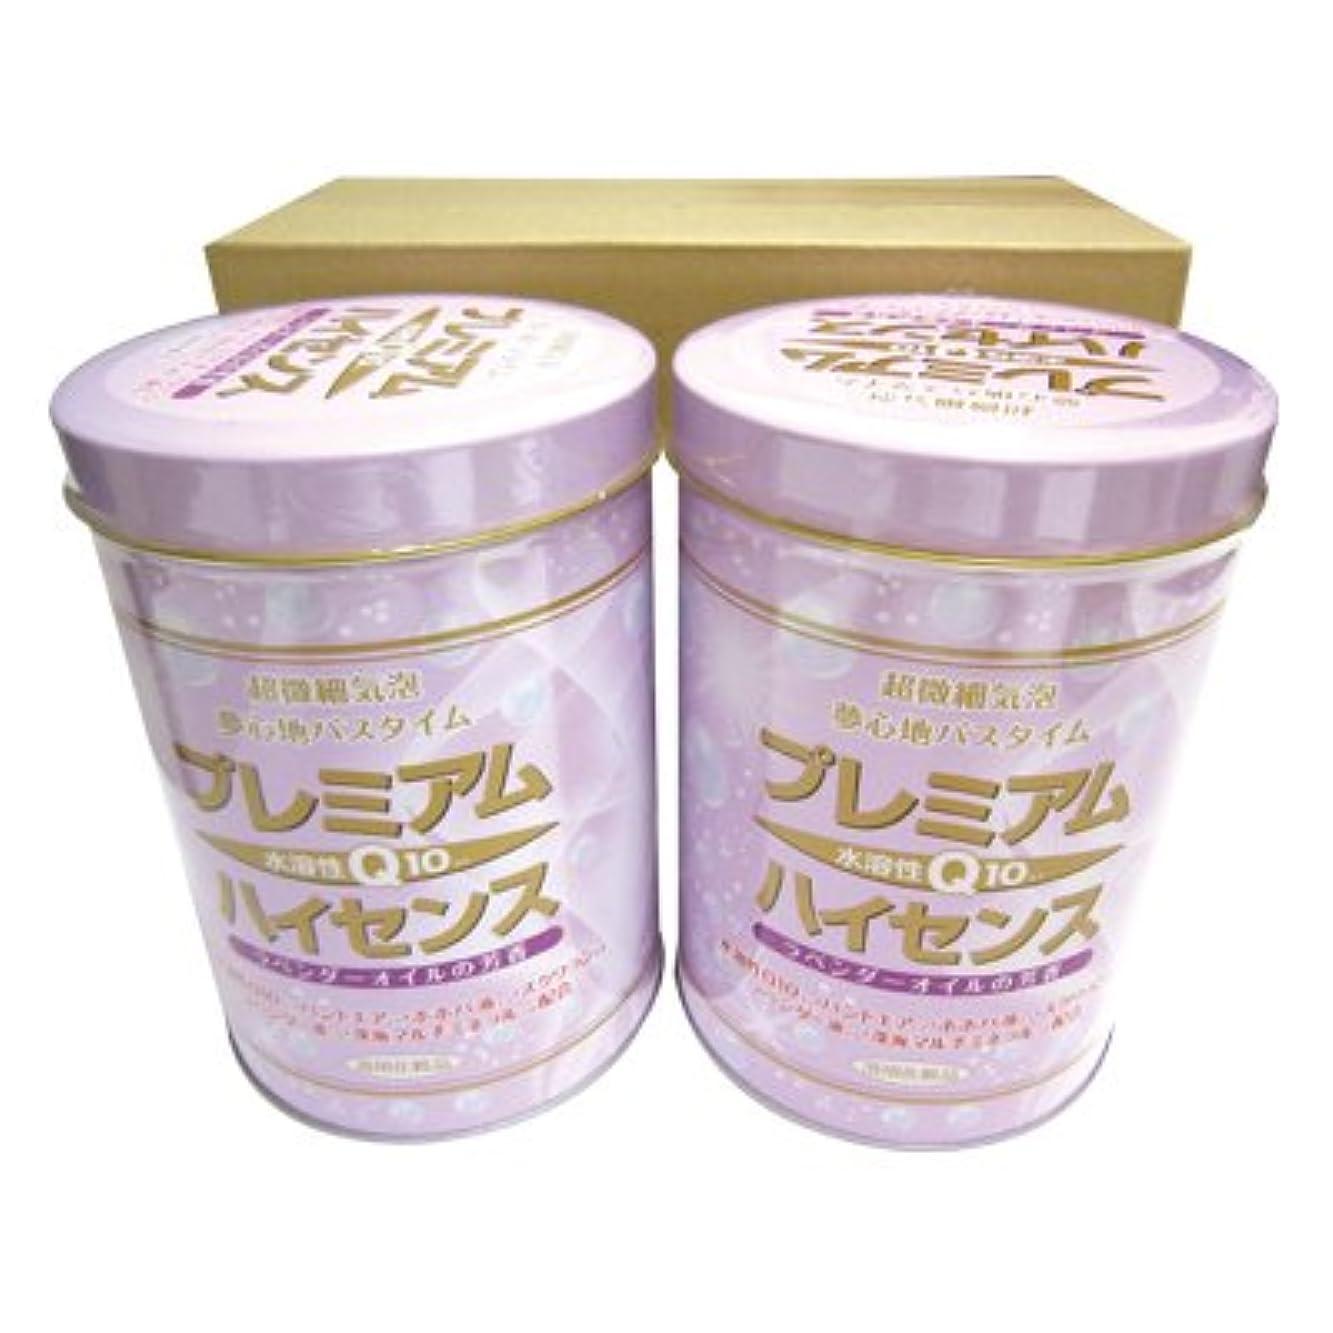 彼らの石略す【高陽社】浴用化粧品 プレミアムハイセンス 2缶セット